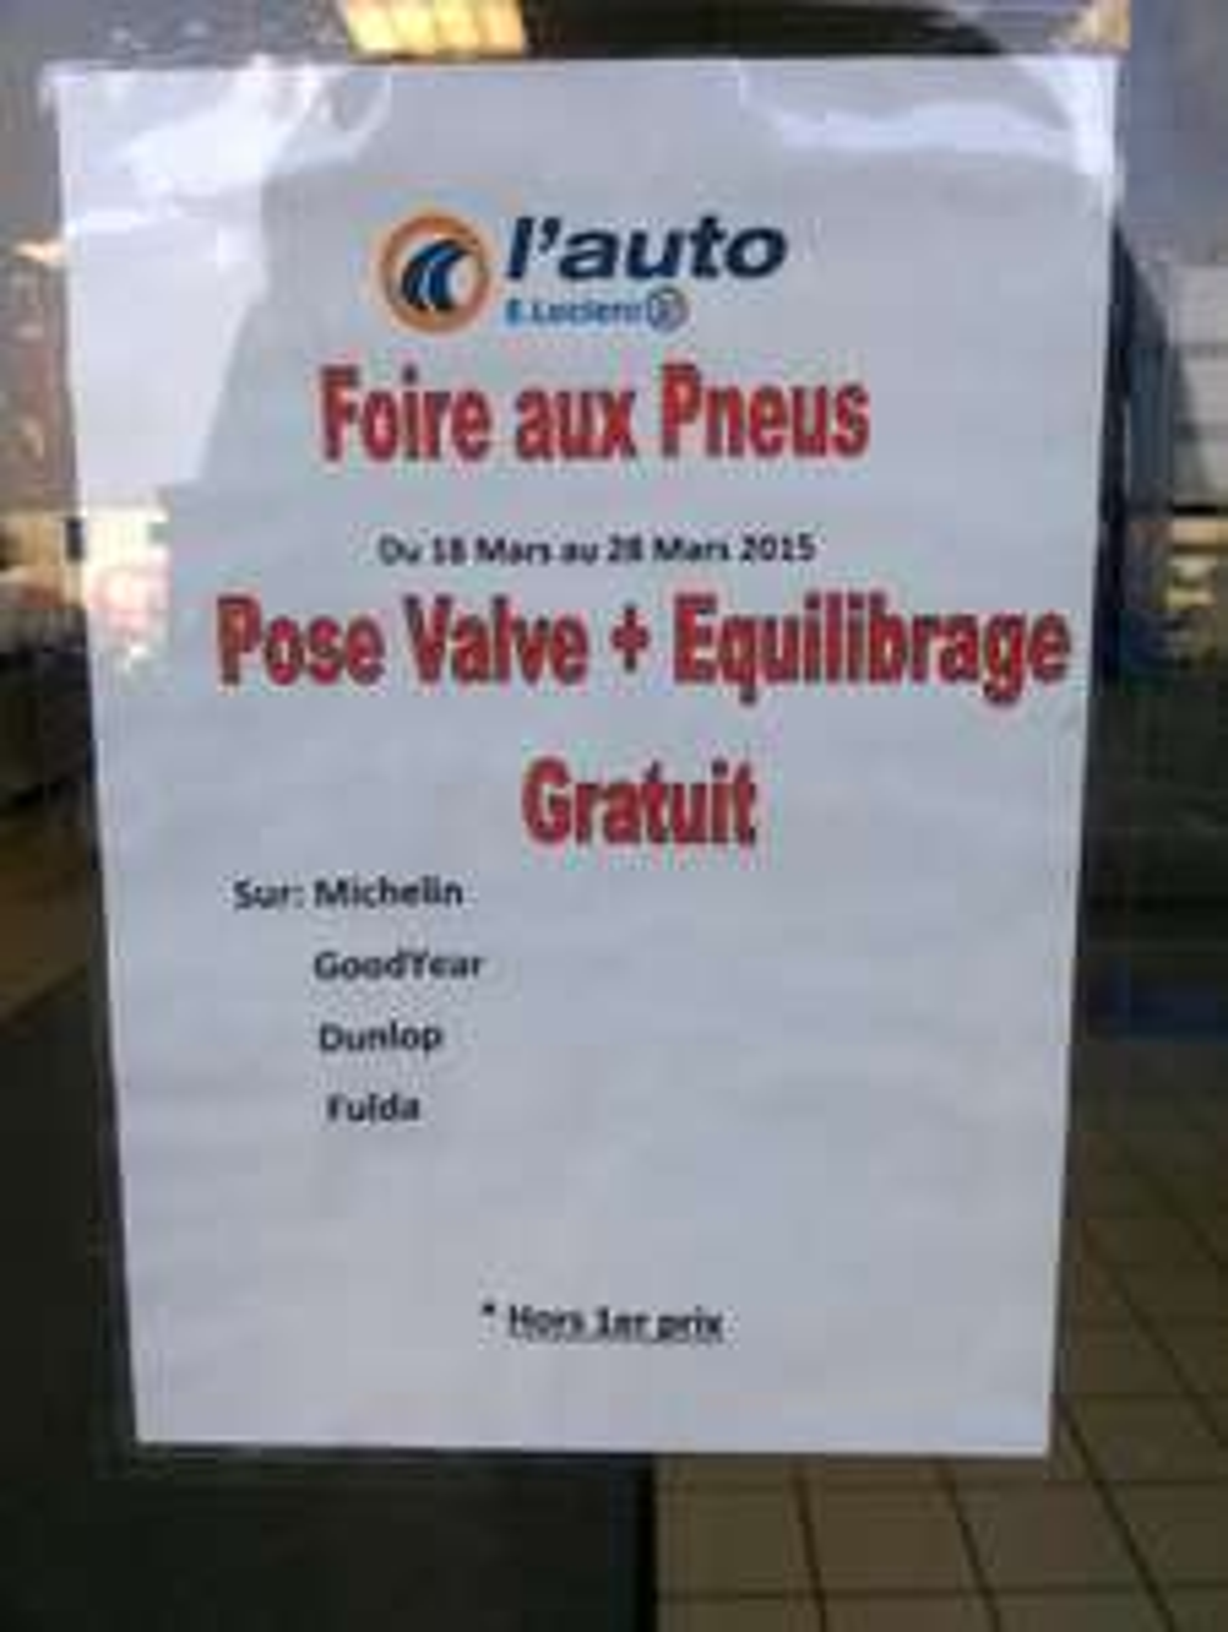 Montage pneus : Pose valve + équilibrage gratuit